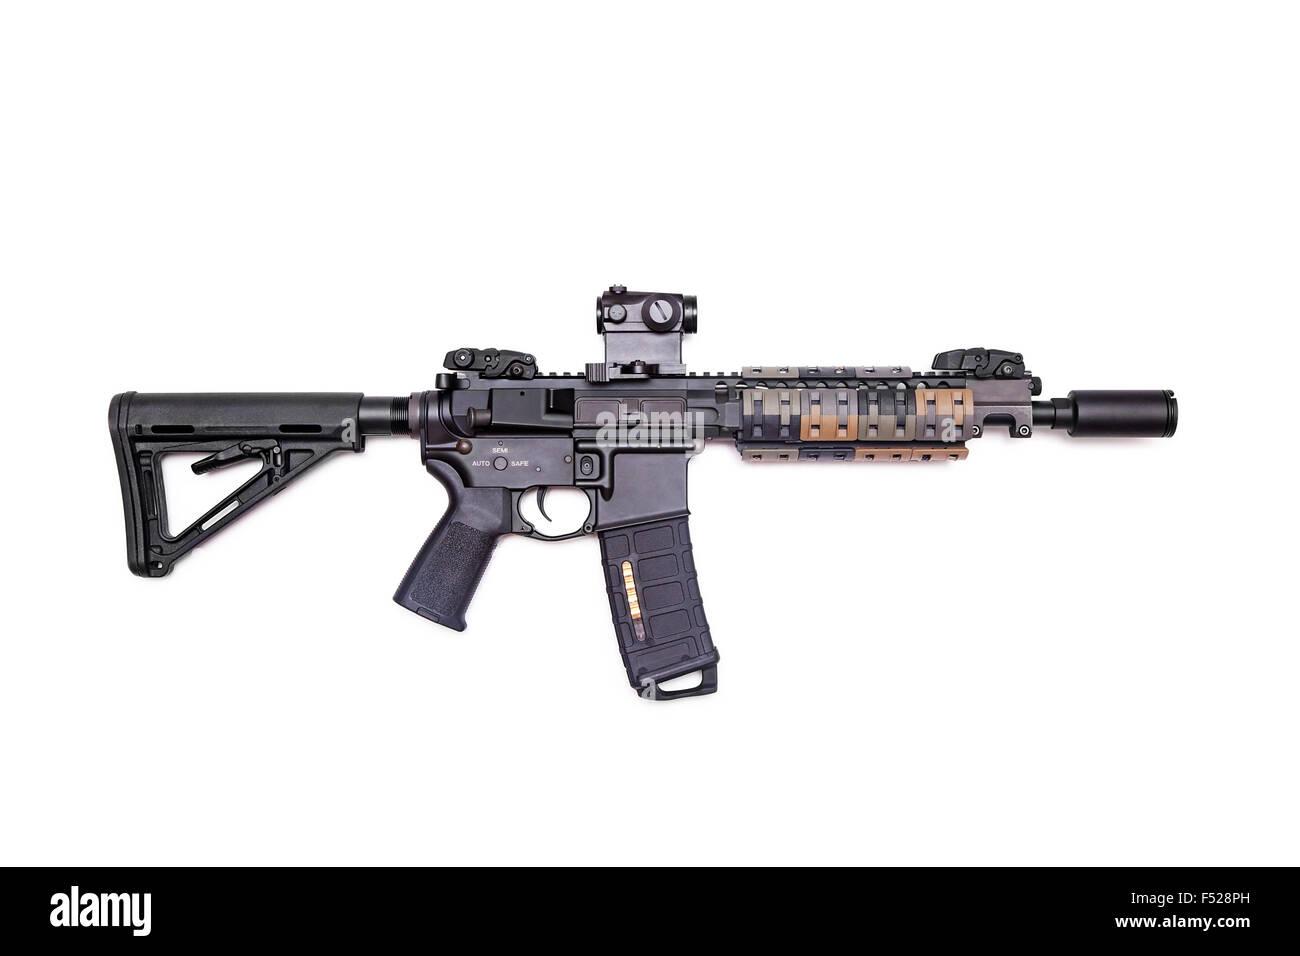 Der Black Rifle: benutzerdefinierte Build 9' AR-15 SBR isoliert auf weißem Hintergrund, Studio gedreht Stockbild